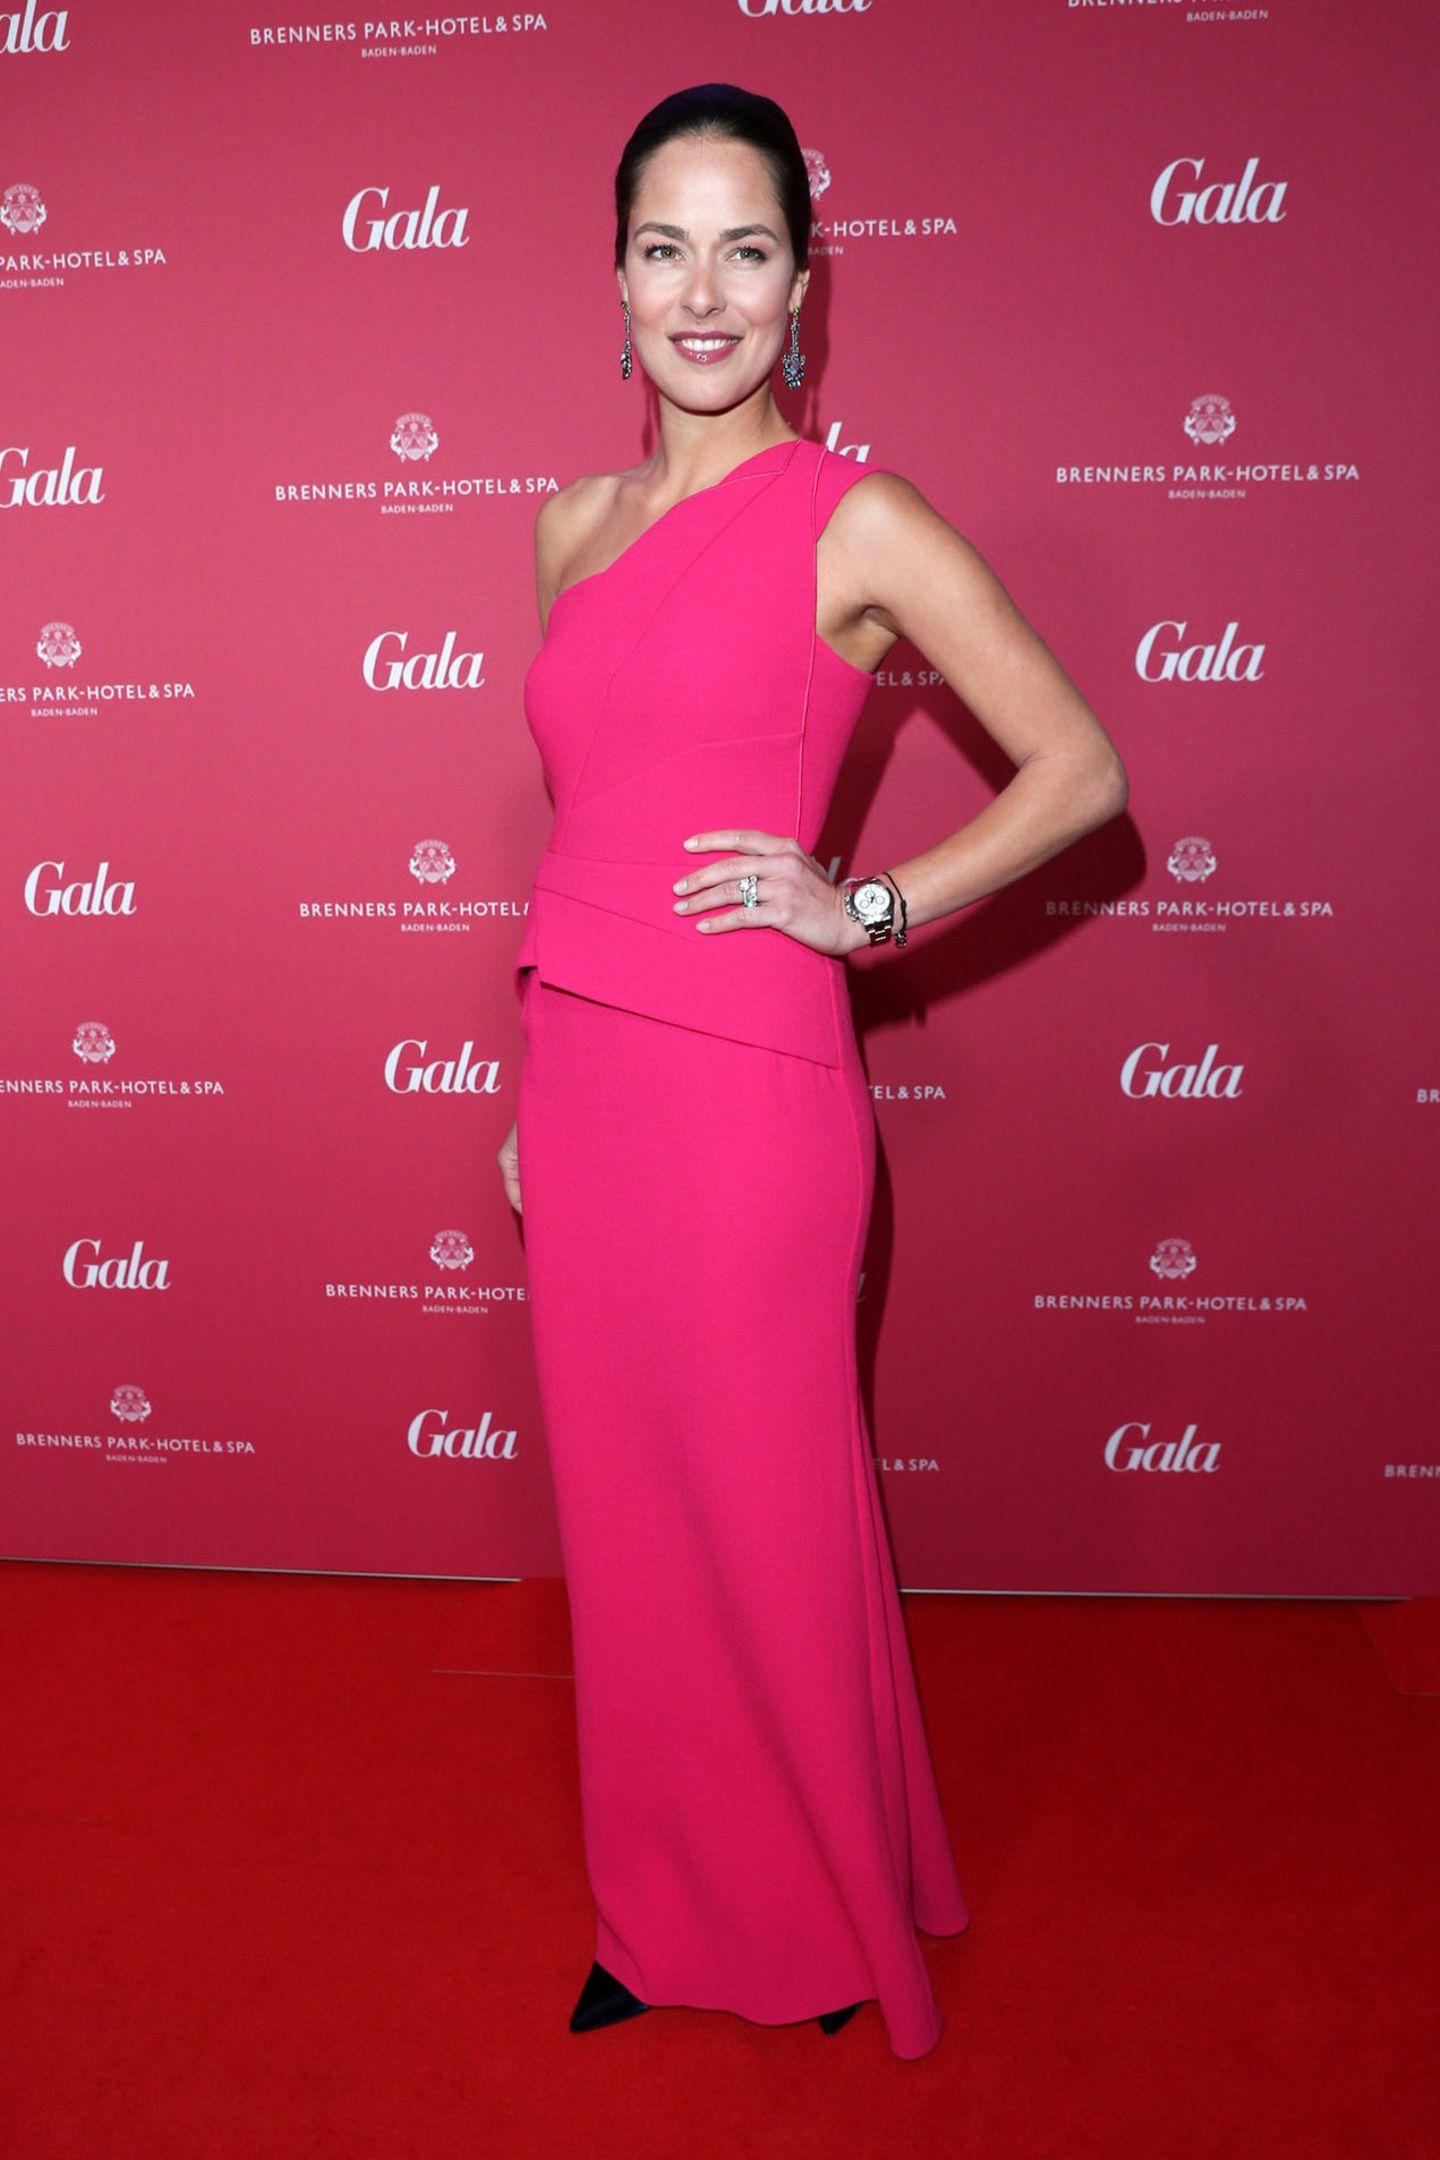 Pretty in Pink erschien Ana Ivanovic bei den diesjährigen Gala Spa Awards und verzauberte ganz Baden-Baden. In einem bodenlangen One-Shoulder Kleid war sie der Hingucker des Abends.